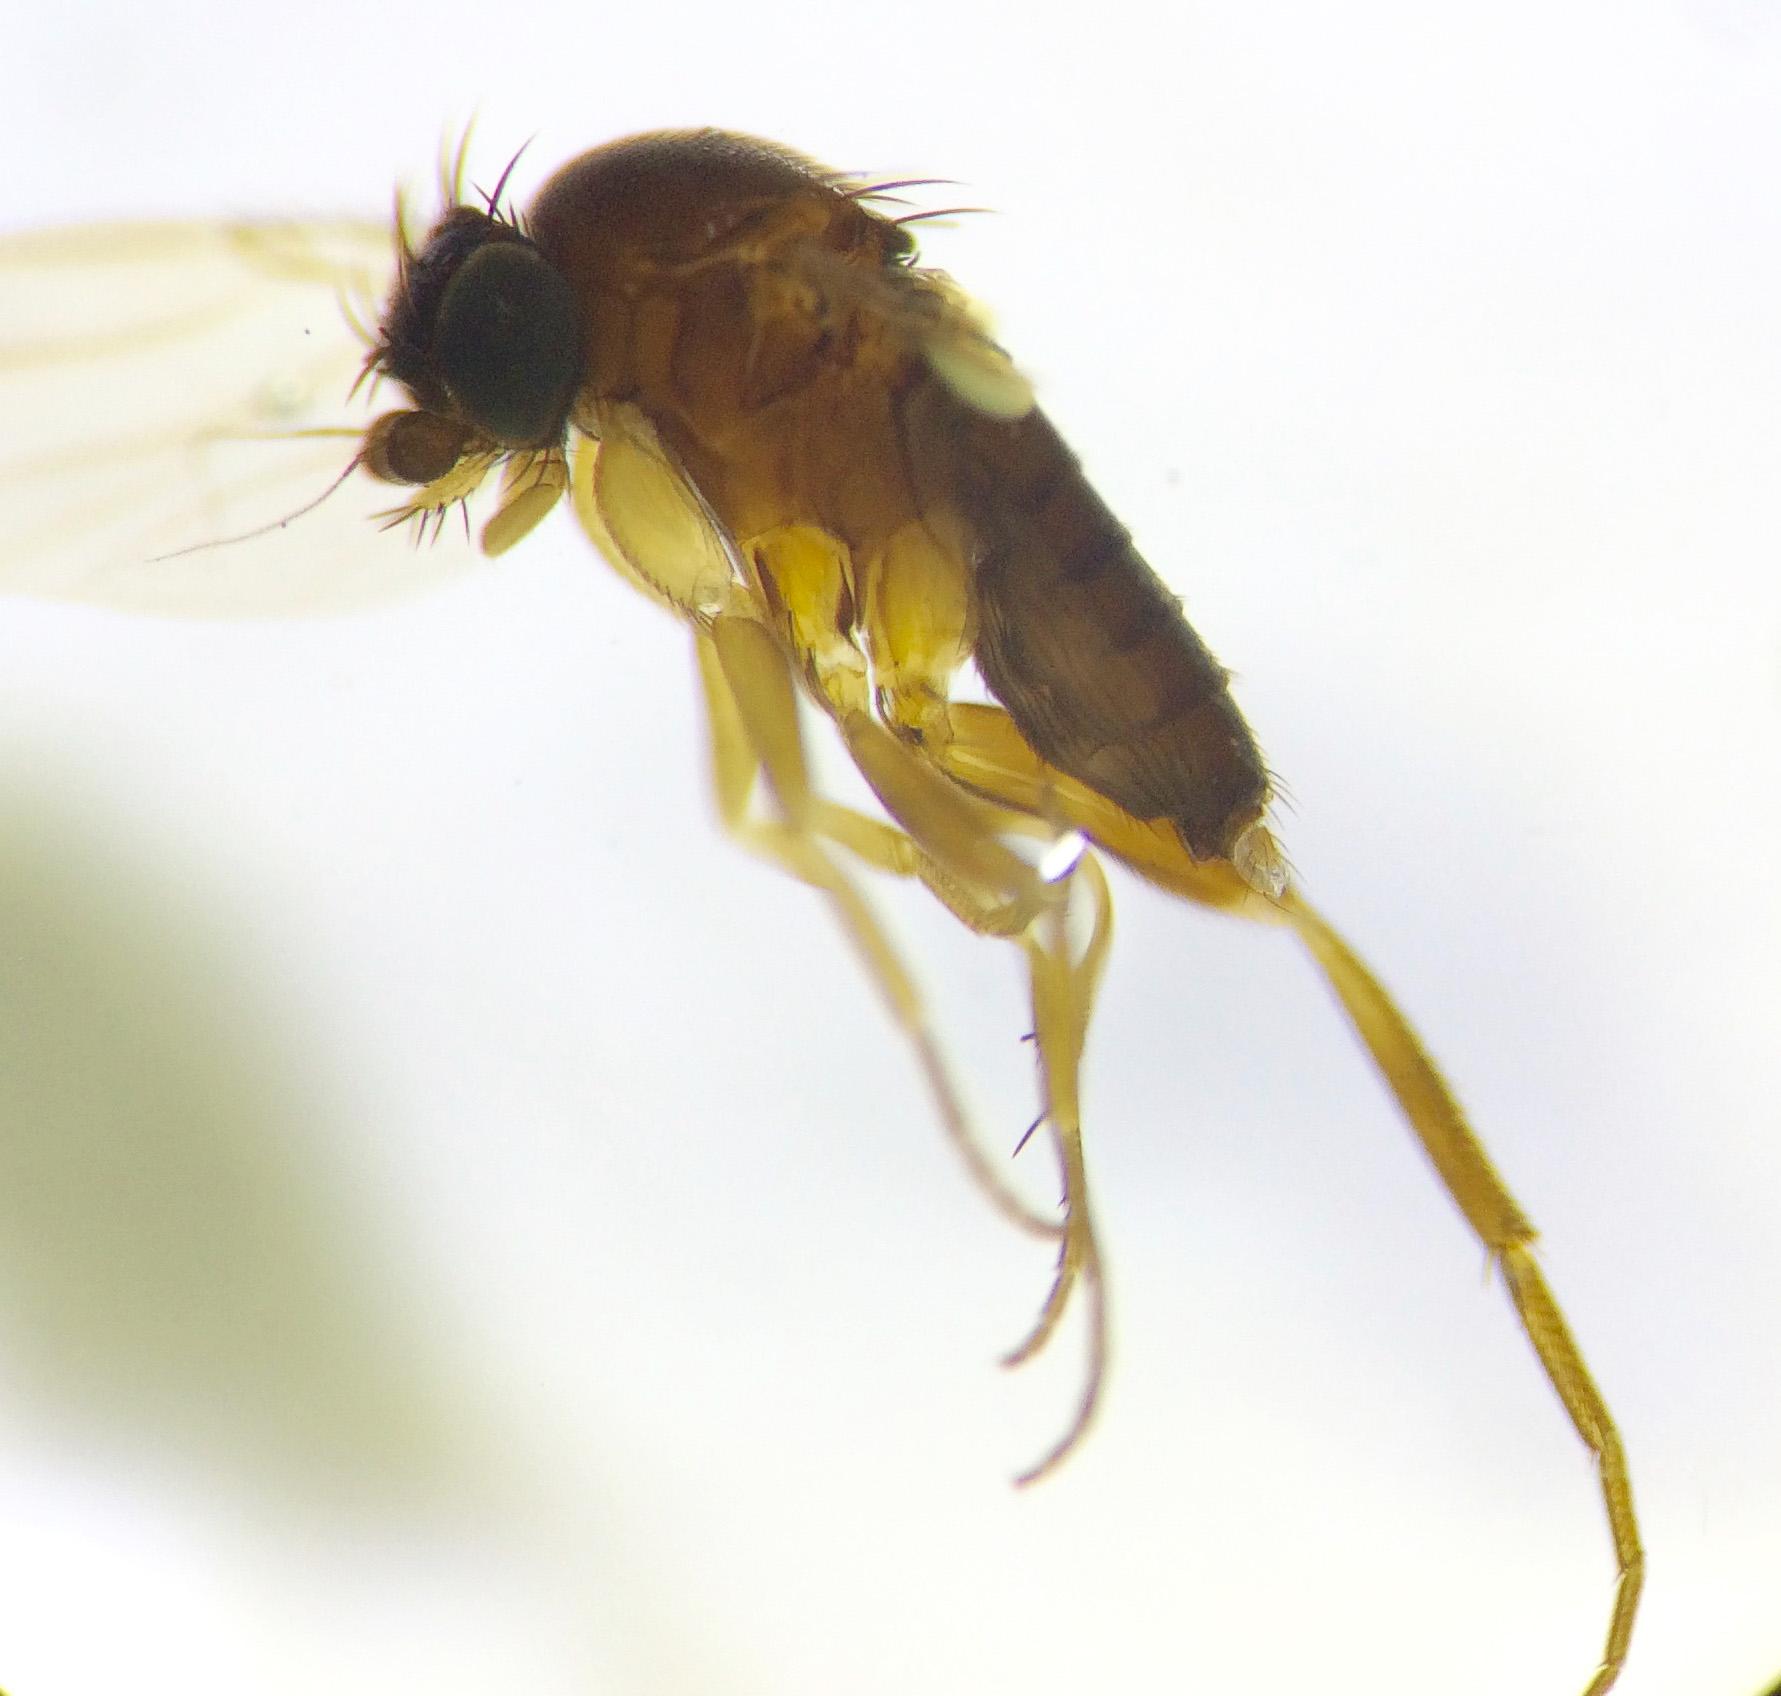 De talrika puckelflugorna hör till de minst kända insekterna i Sverige. Här en hane ur det enorma släktet Megaselia. Foto: Sibylle Häggqvist, Naturhistoriska riksmuseet